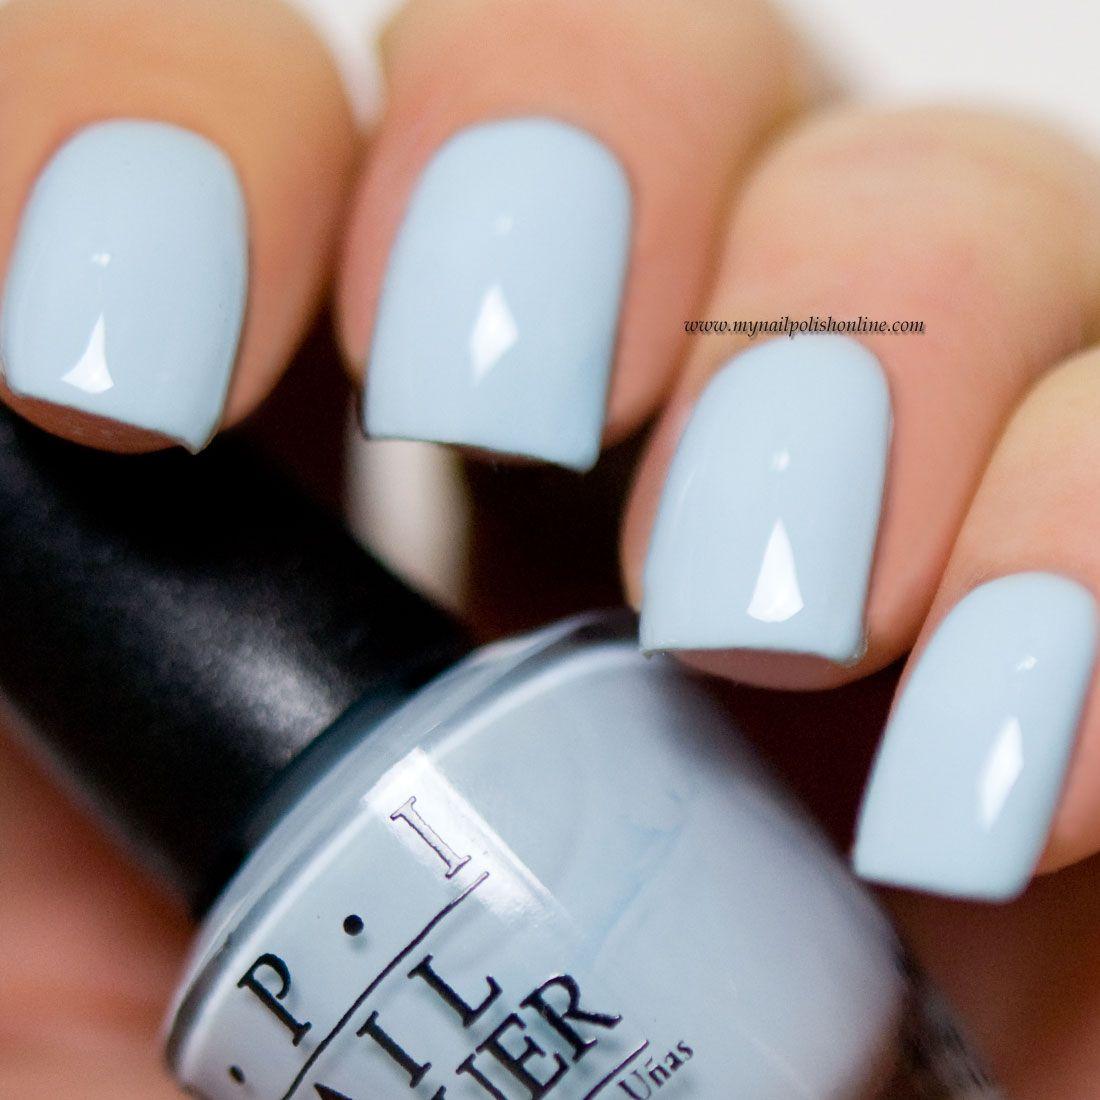 Opi It S A Boy Nails Nail Polish Online Work Nails